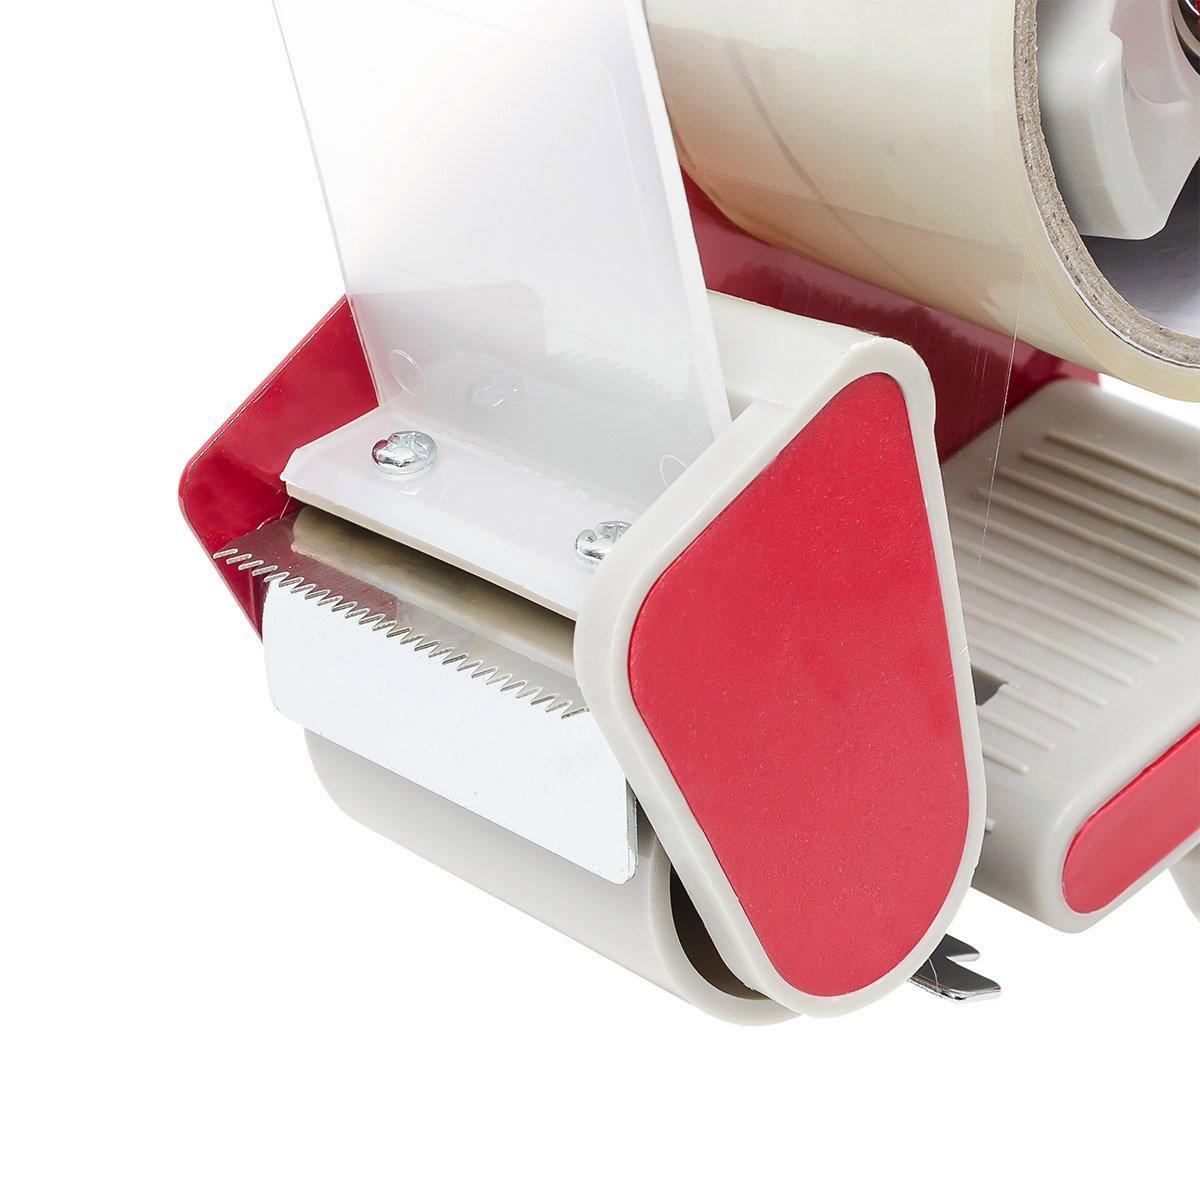 Klebebandabroller Pakete /& Kartons zukleben handlich Relaxdays Paketbandabroller rot//grau flexibler Rollwiderstand